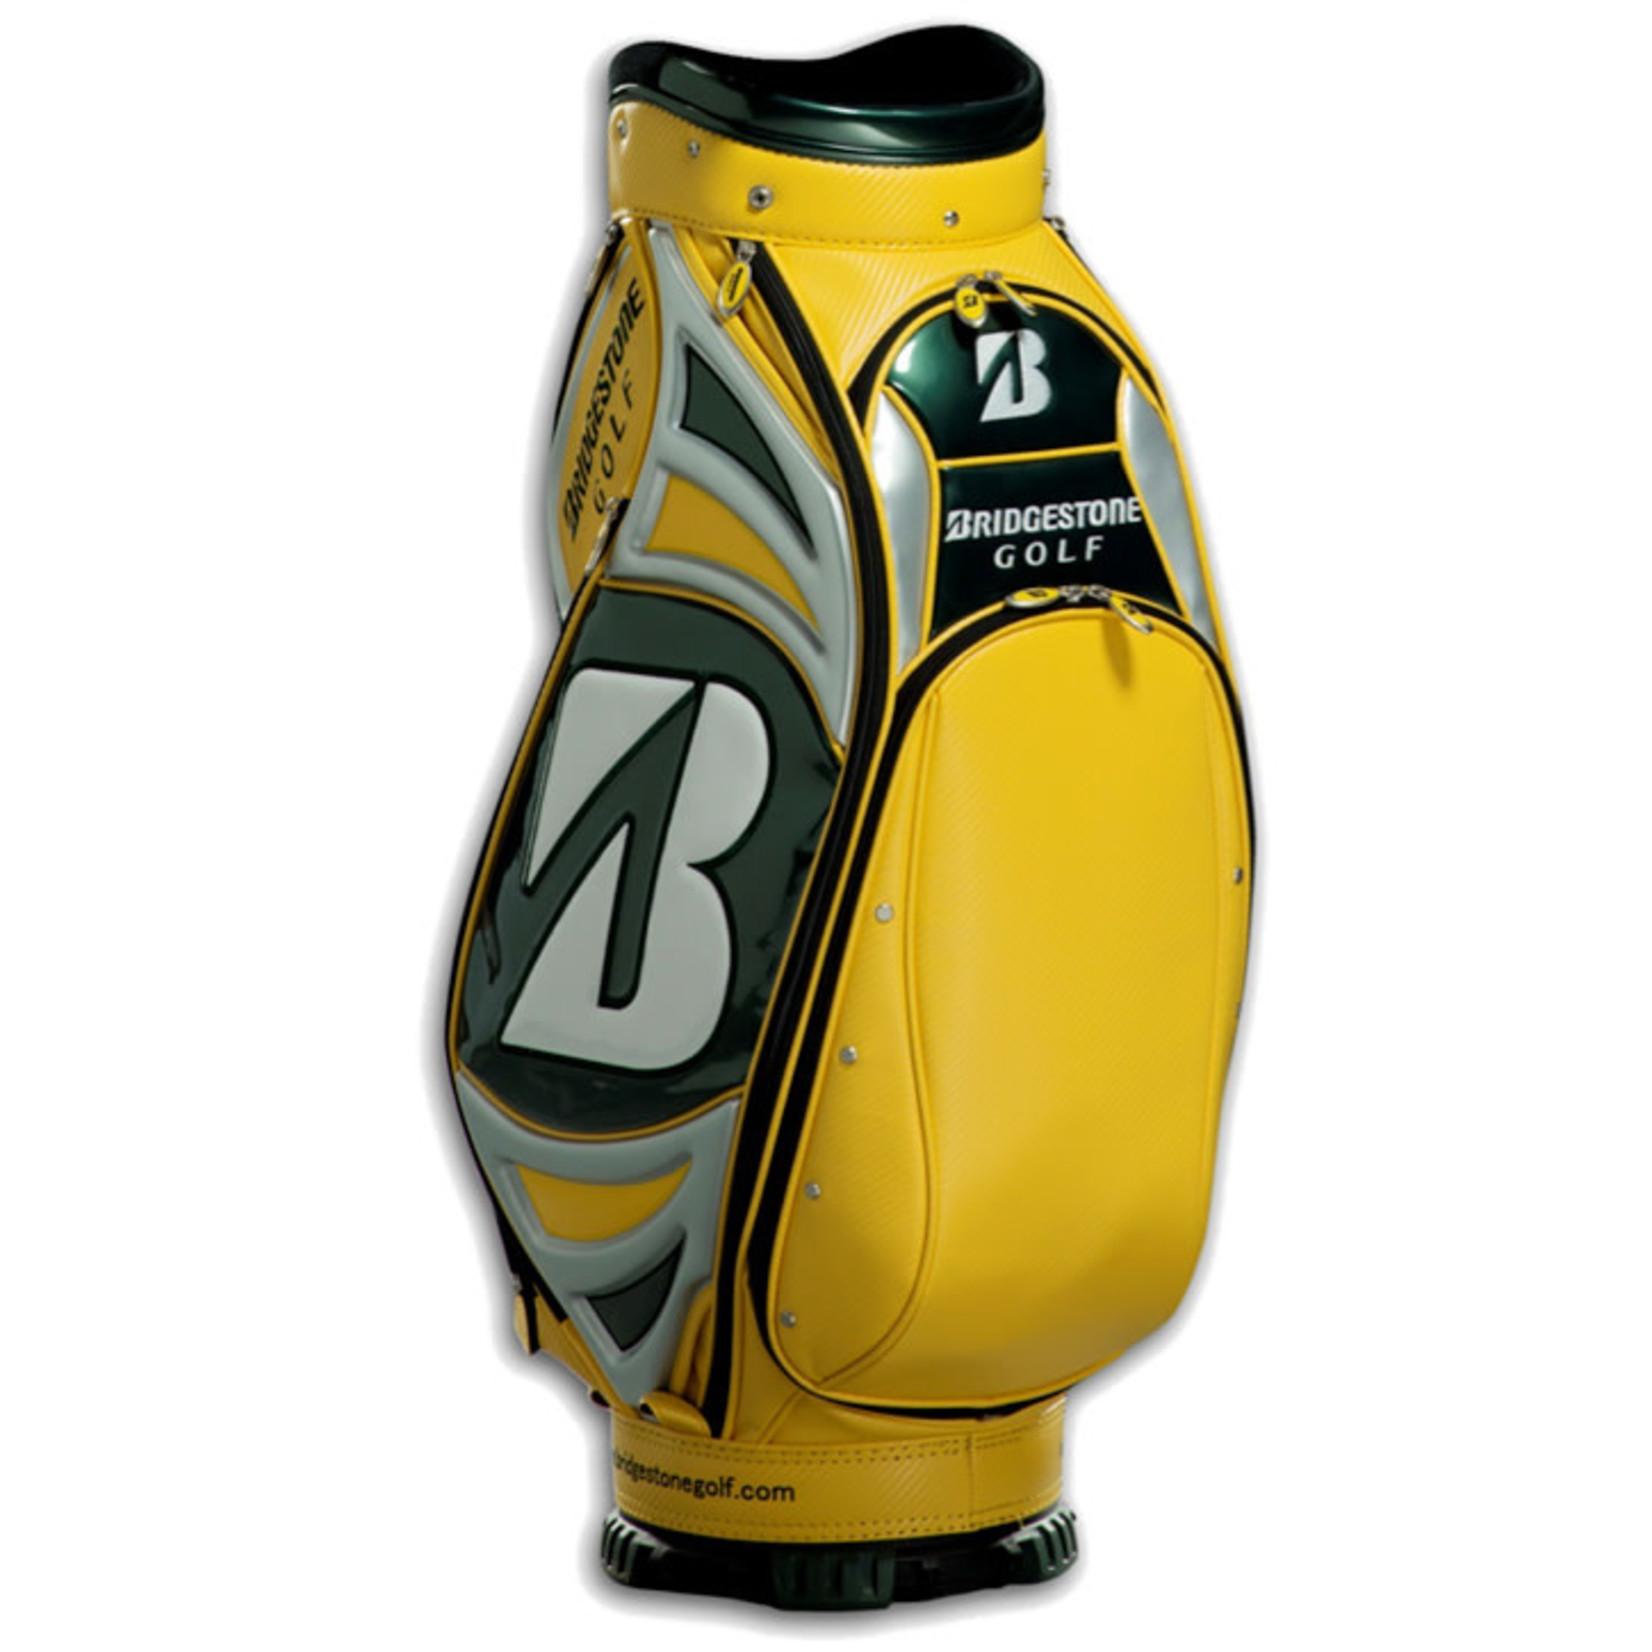 Bridgestone Bridgestone Golf Mini Staffbag Limited (Masters Edition)